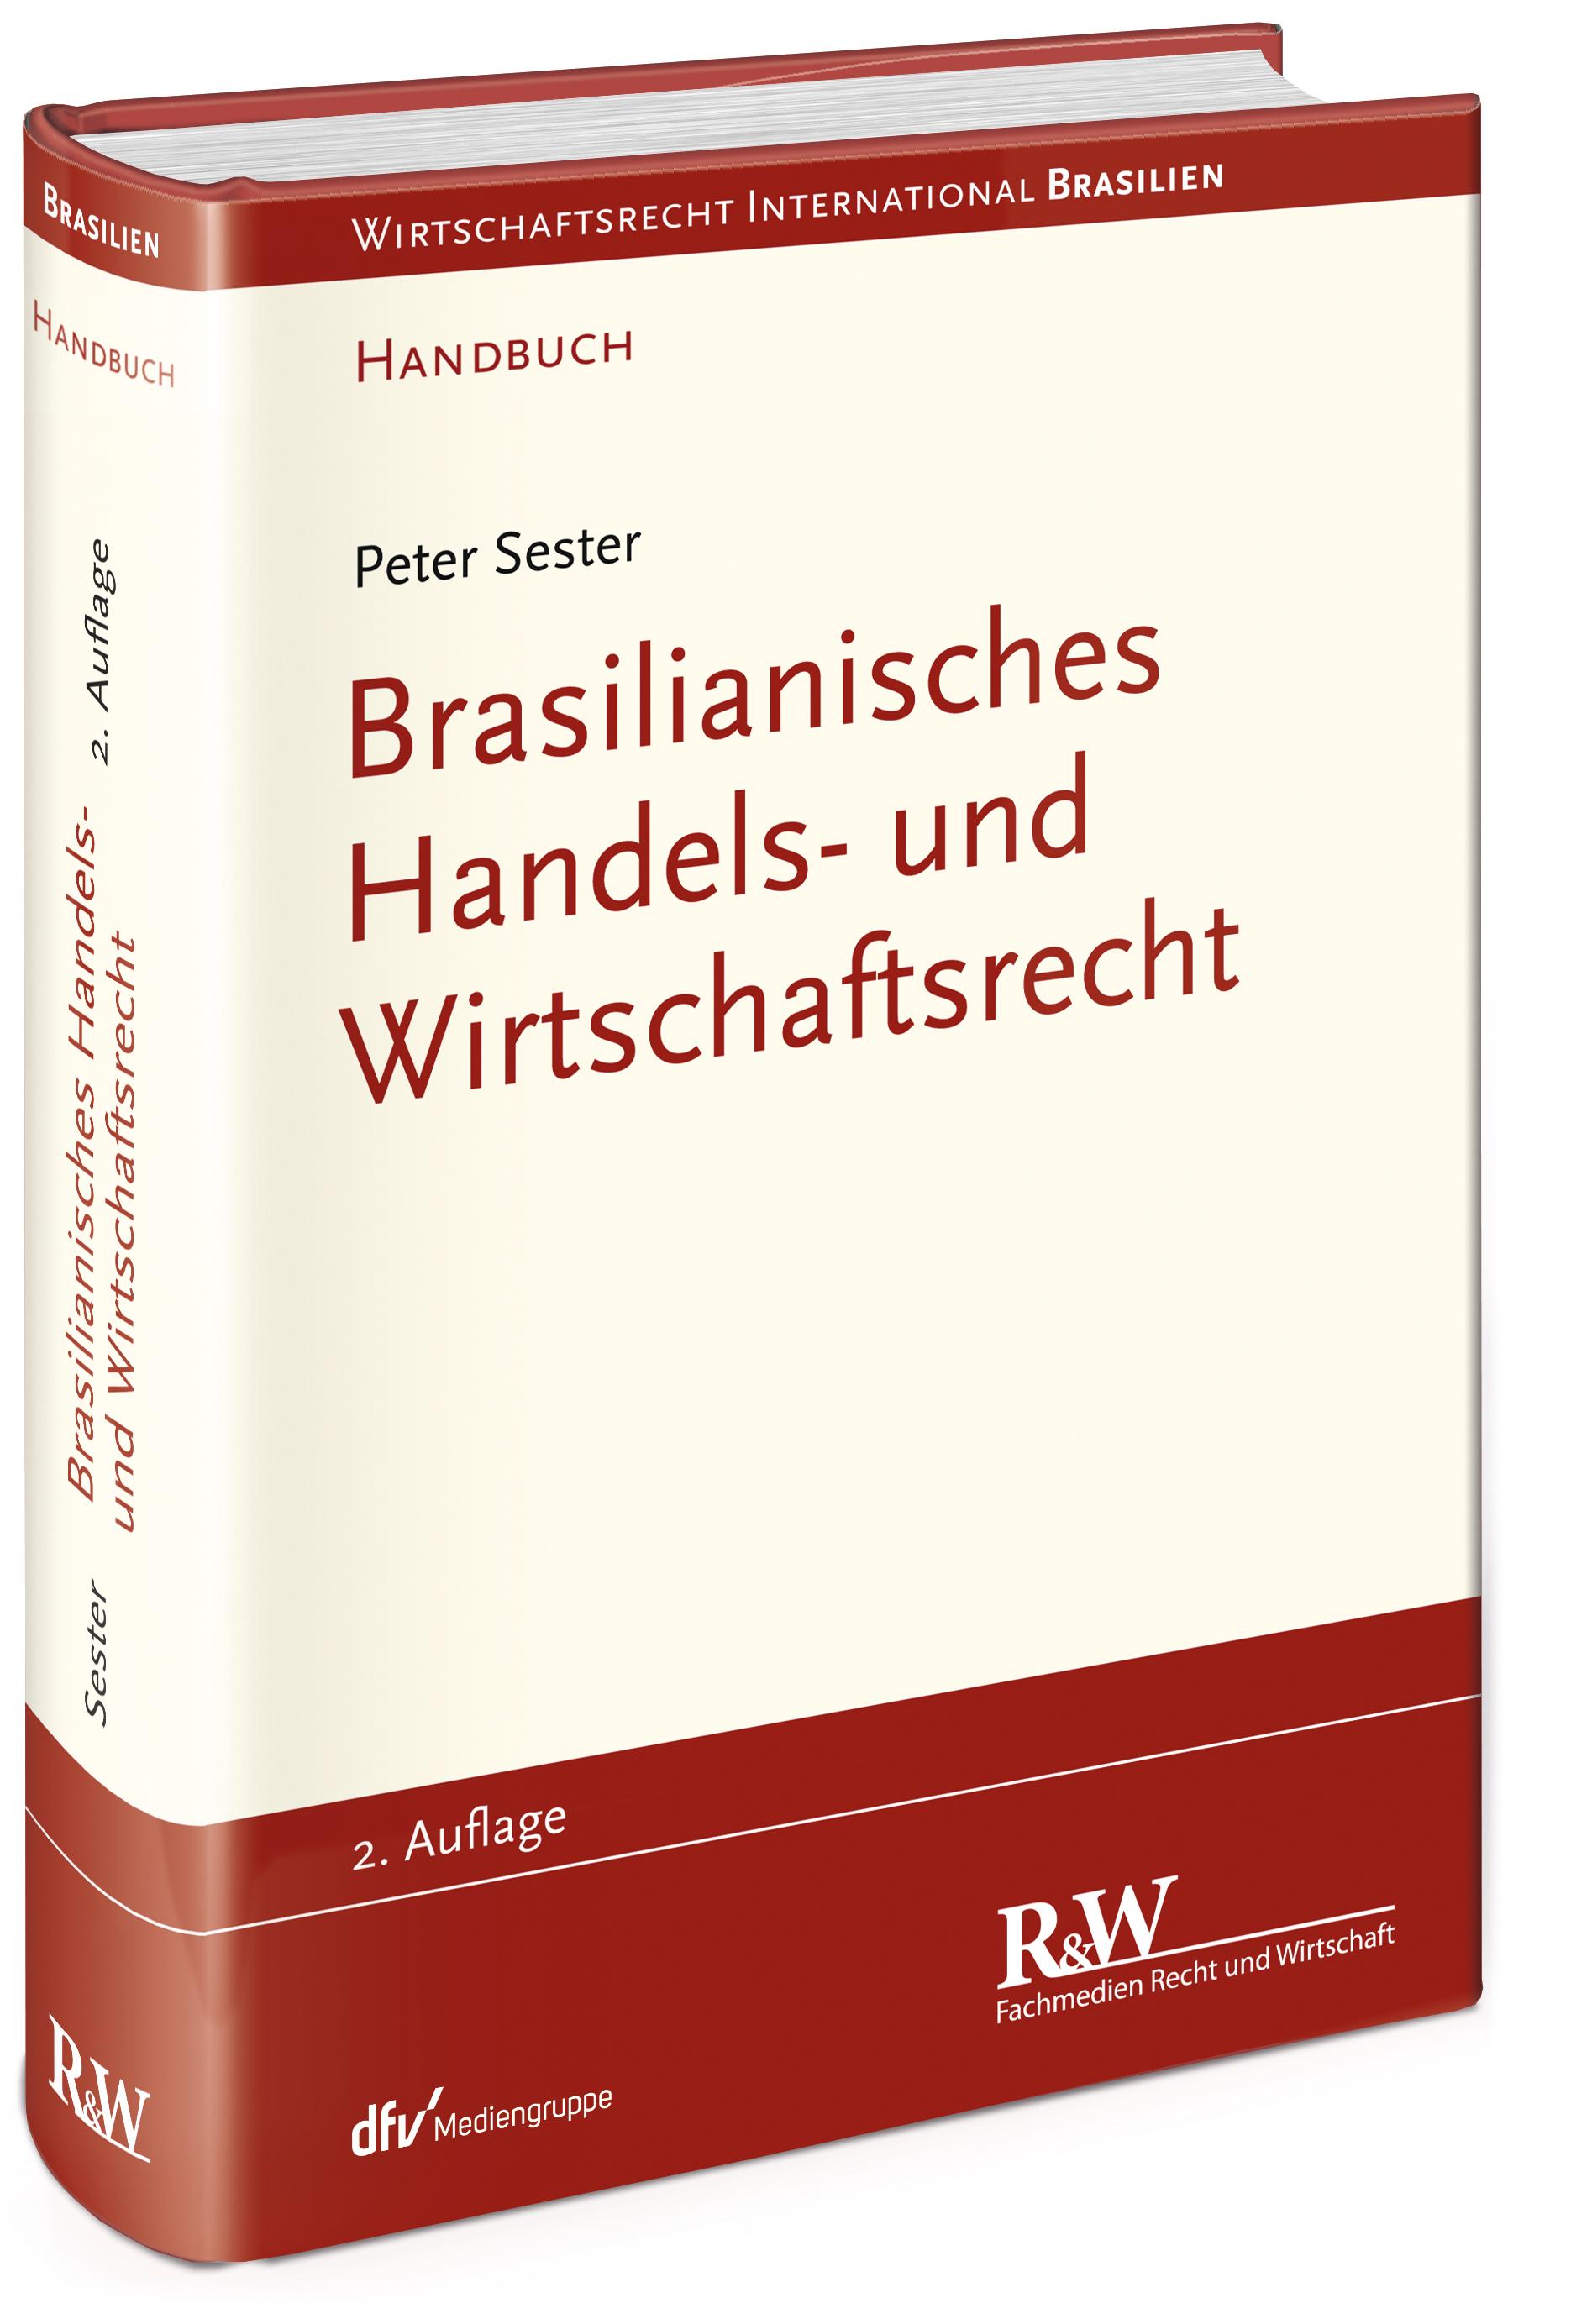 Brasilianisches Handels- und Wirtschaftsrecht Peter Sester